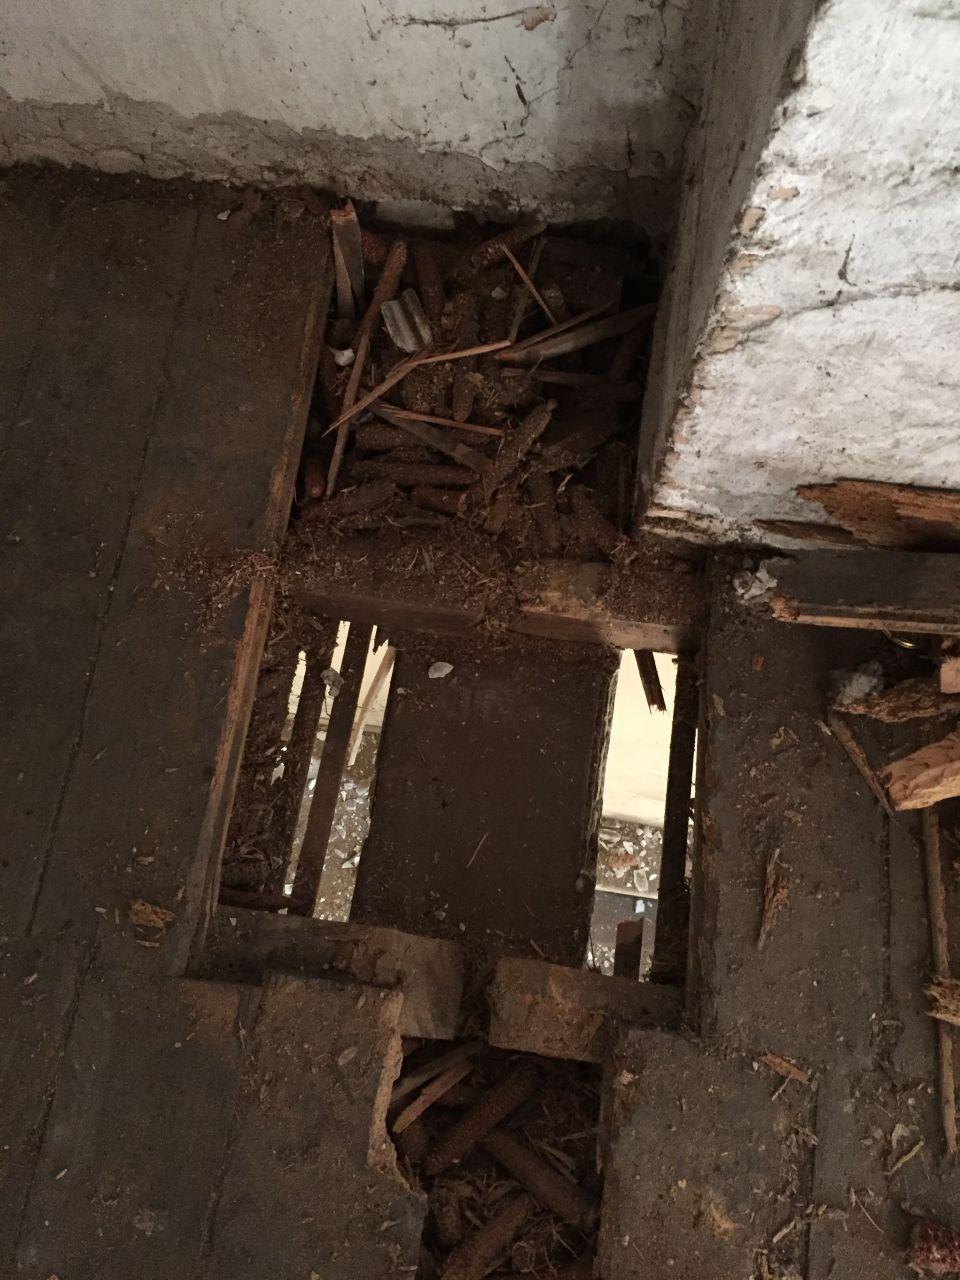 Sondage des planchers pour connaitre l'état et les possibilités pour abattre les murs du rdc